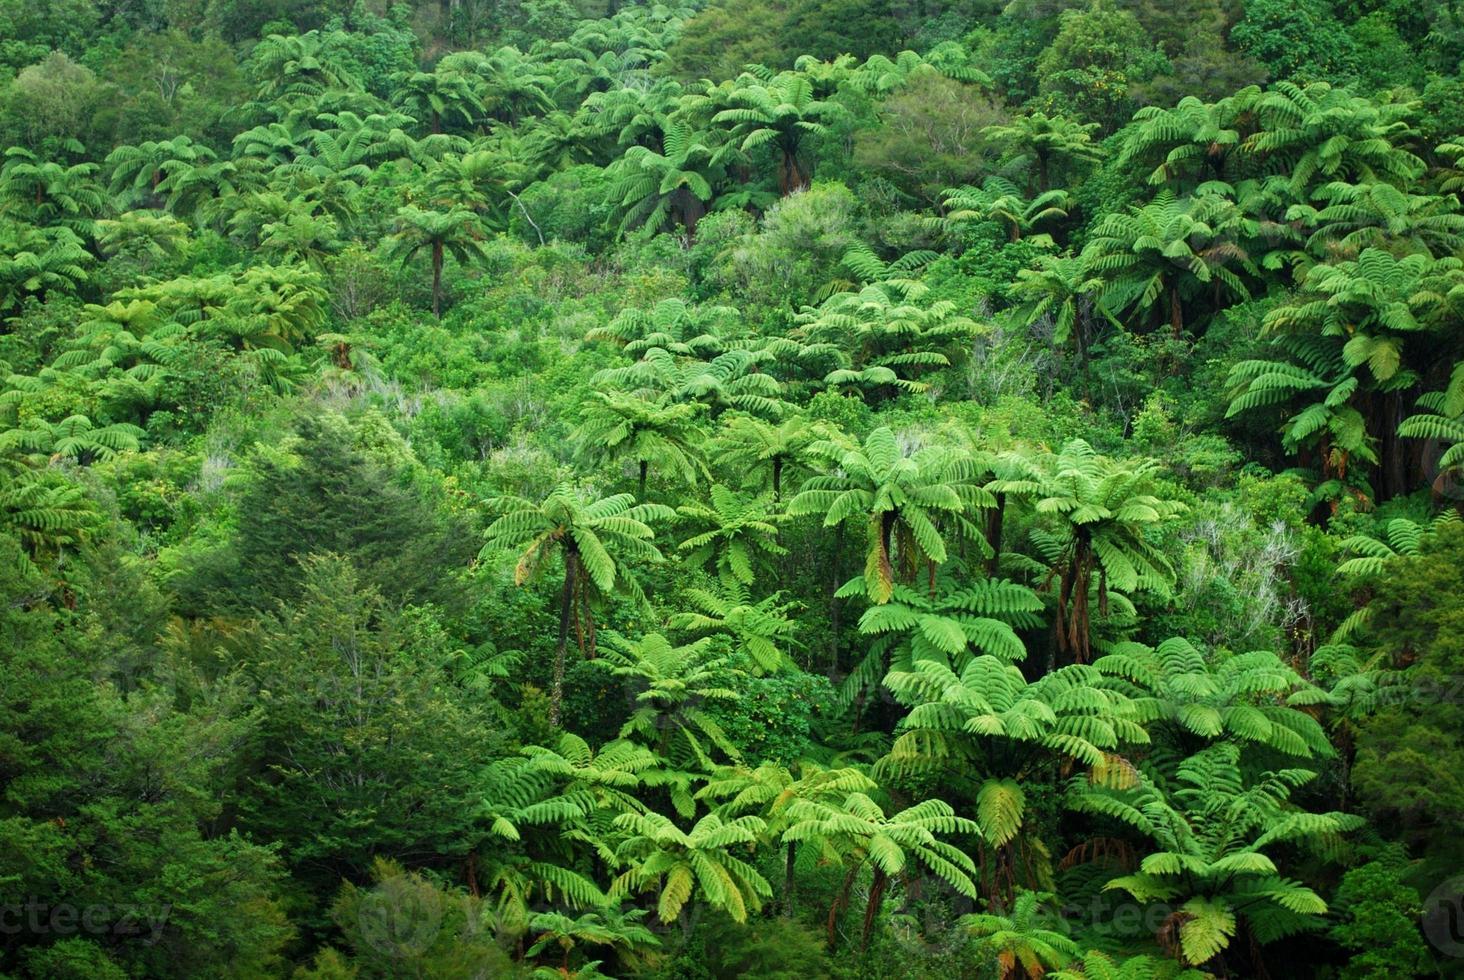 pungas et fond de brousse indigène, nz photo